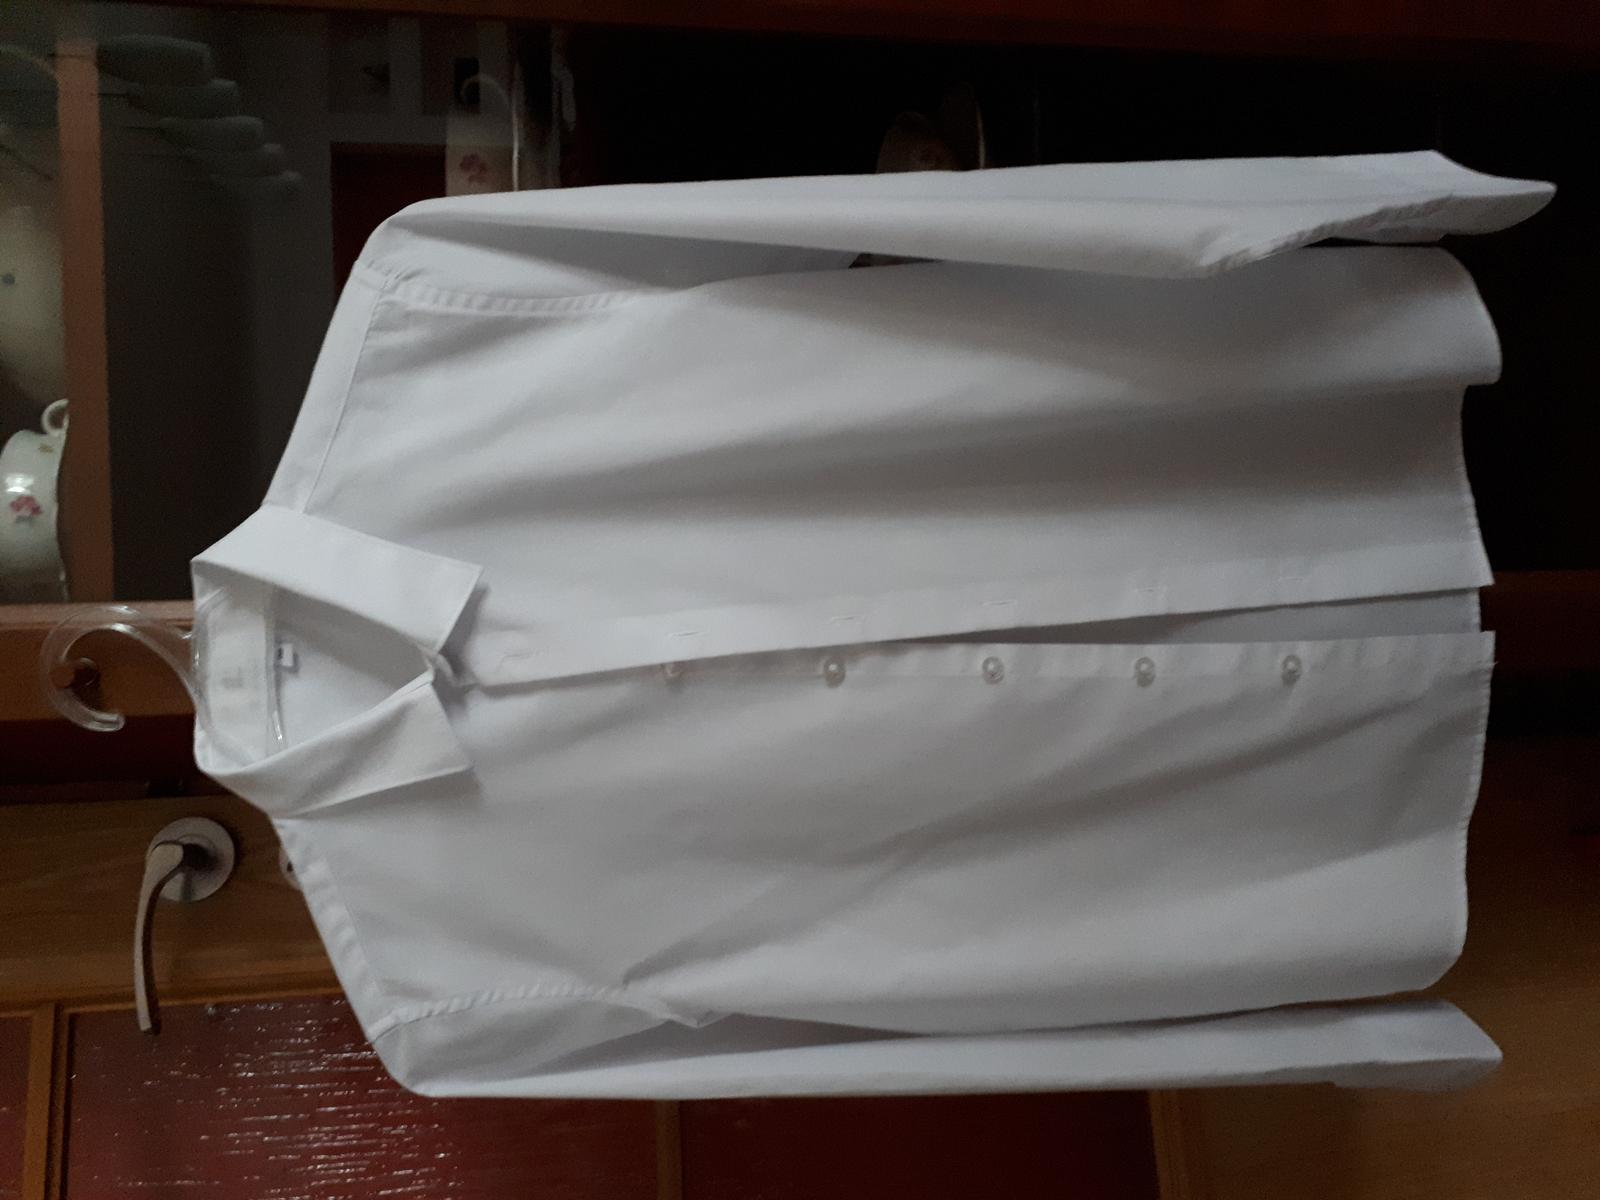 Bílá chlapecká košile velikost 158 - Obrázek č. 1